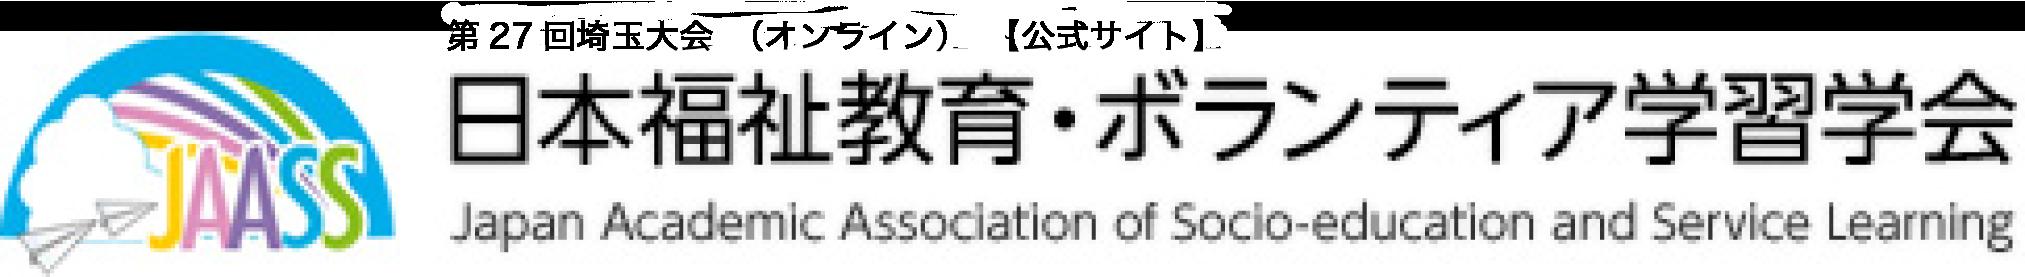 日本福祉教育・ボランティア学習学会 第27回埼玉大会(オンライン)【公式サイト】